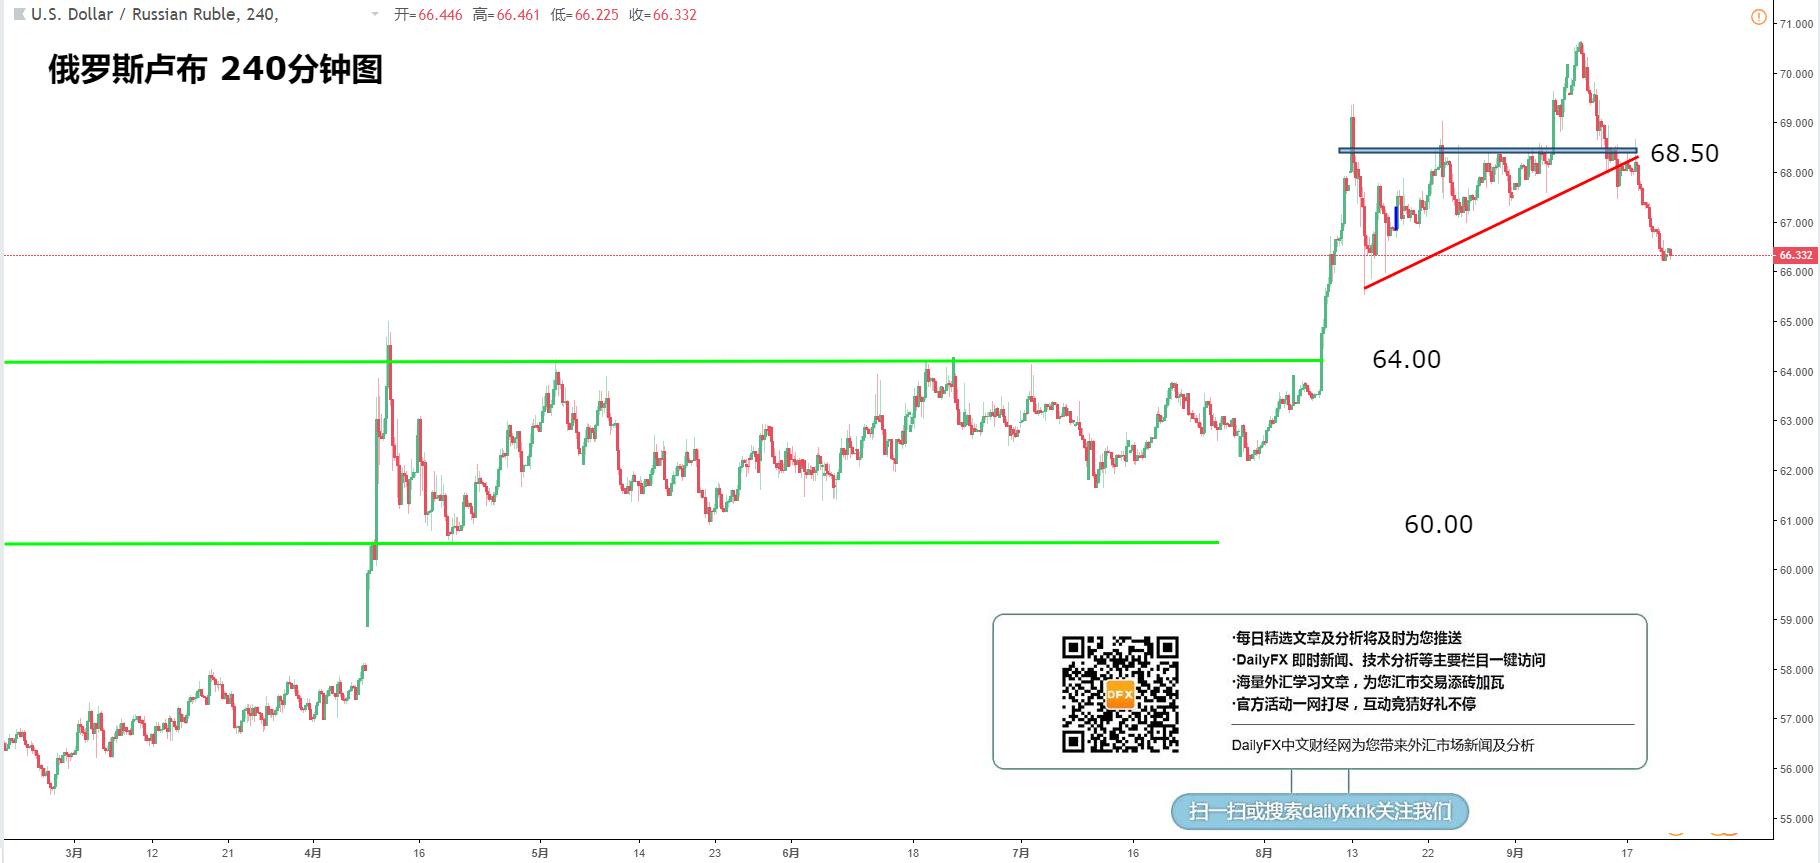 新兴市场货币:美元/土耳其里拉、美元/俄罗斯卢布、美元/墨西哥比索、美元/南非兰特走势分析(9月21日)